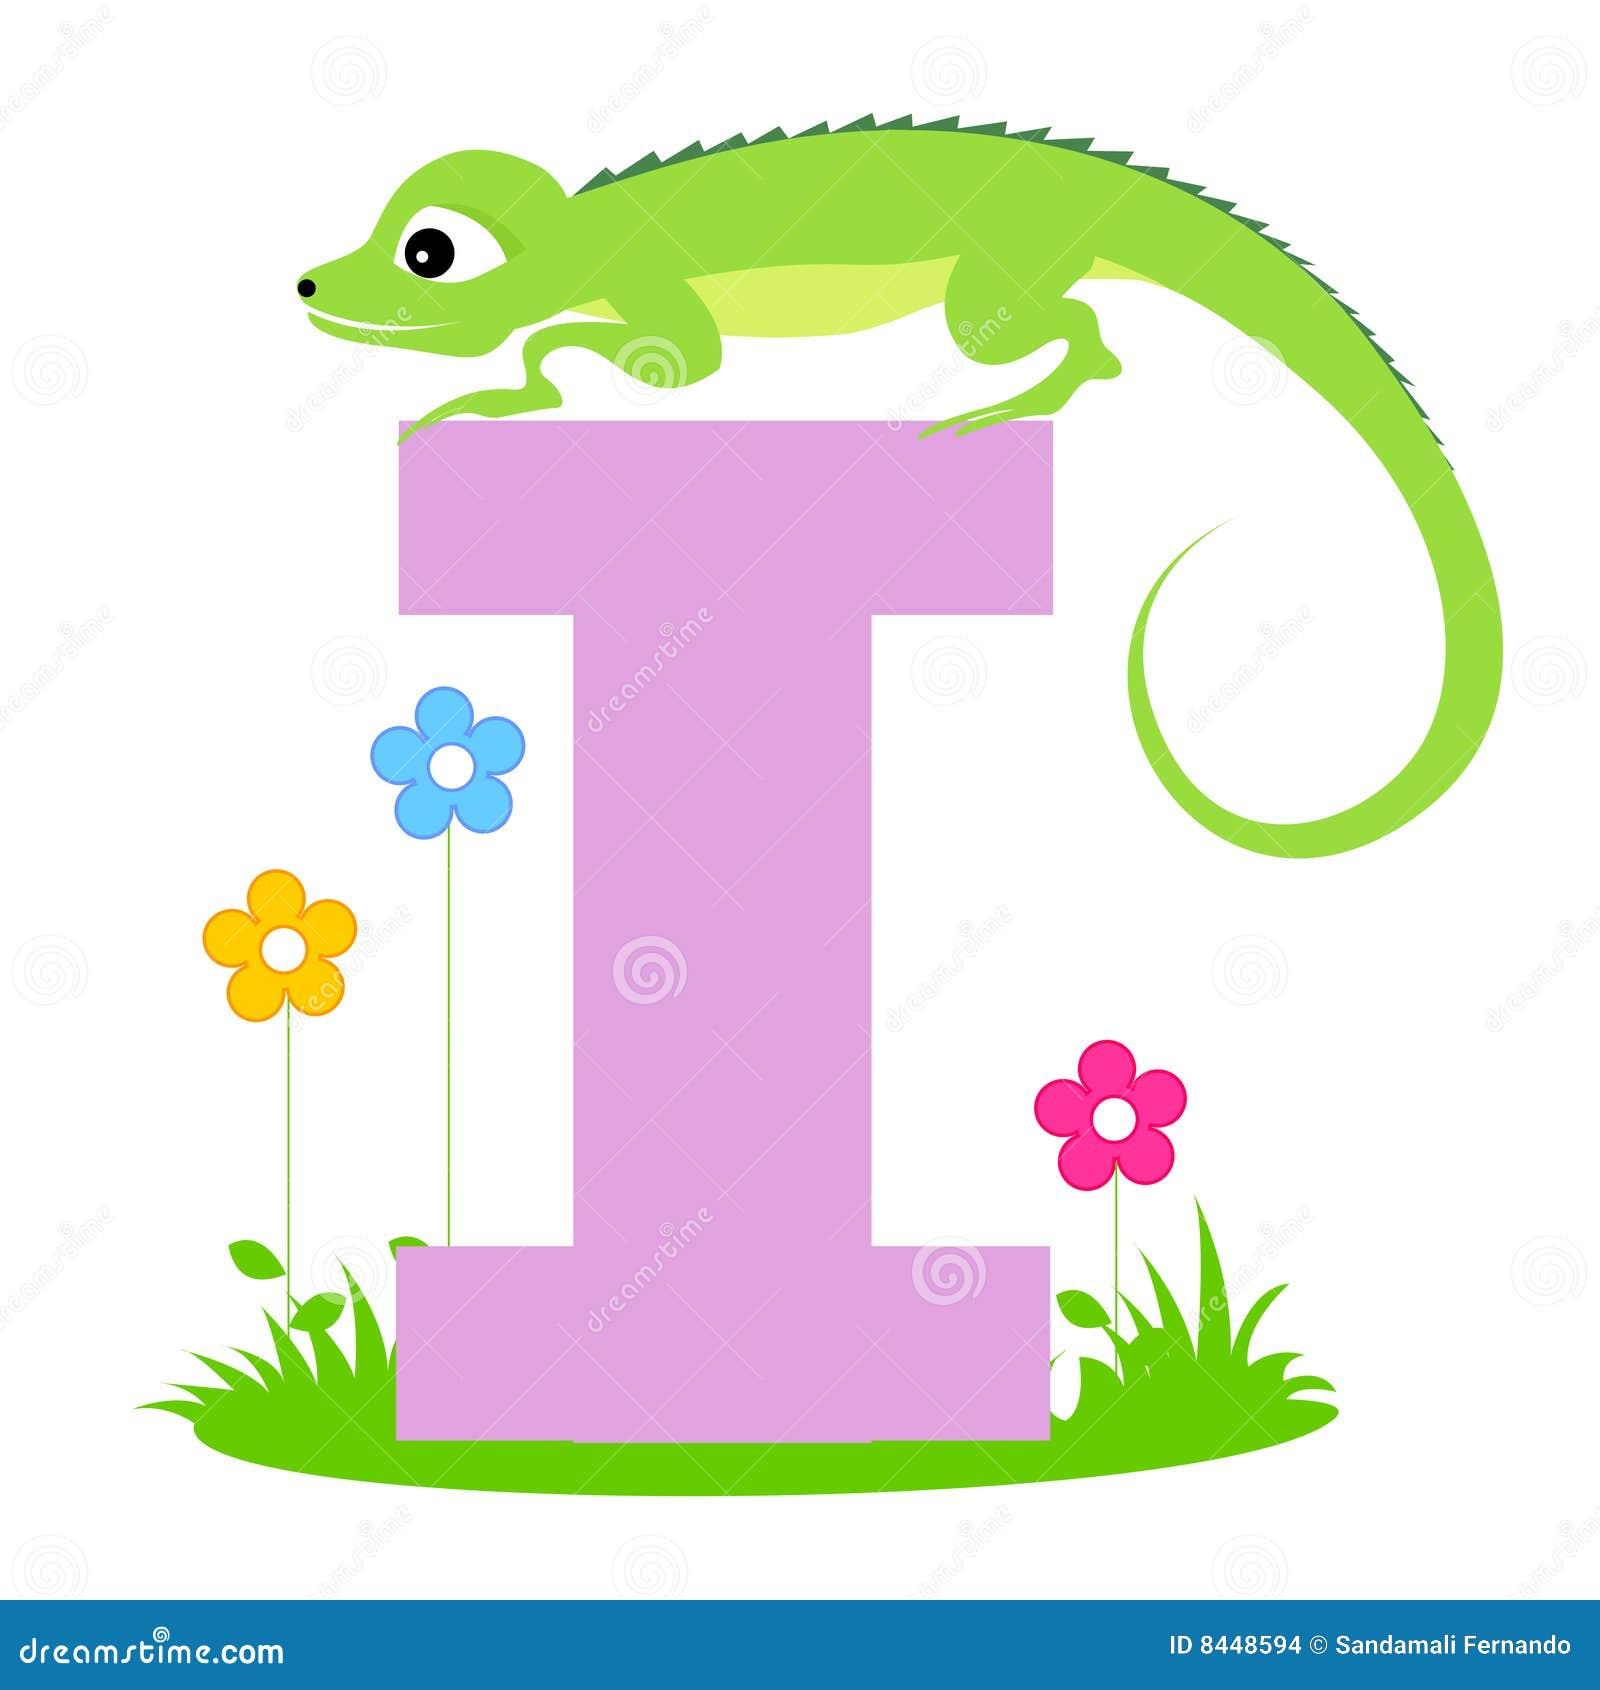 animal alphabet letter i stock vector illustration of alphabetical